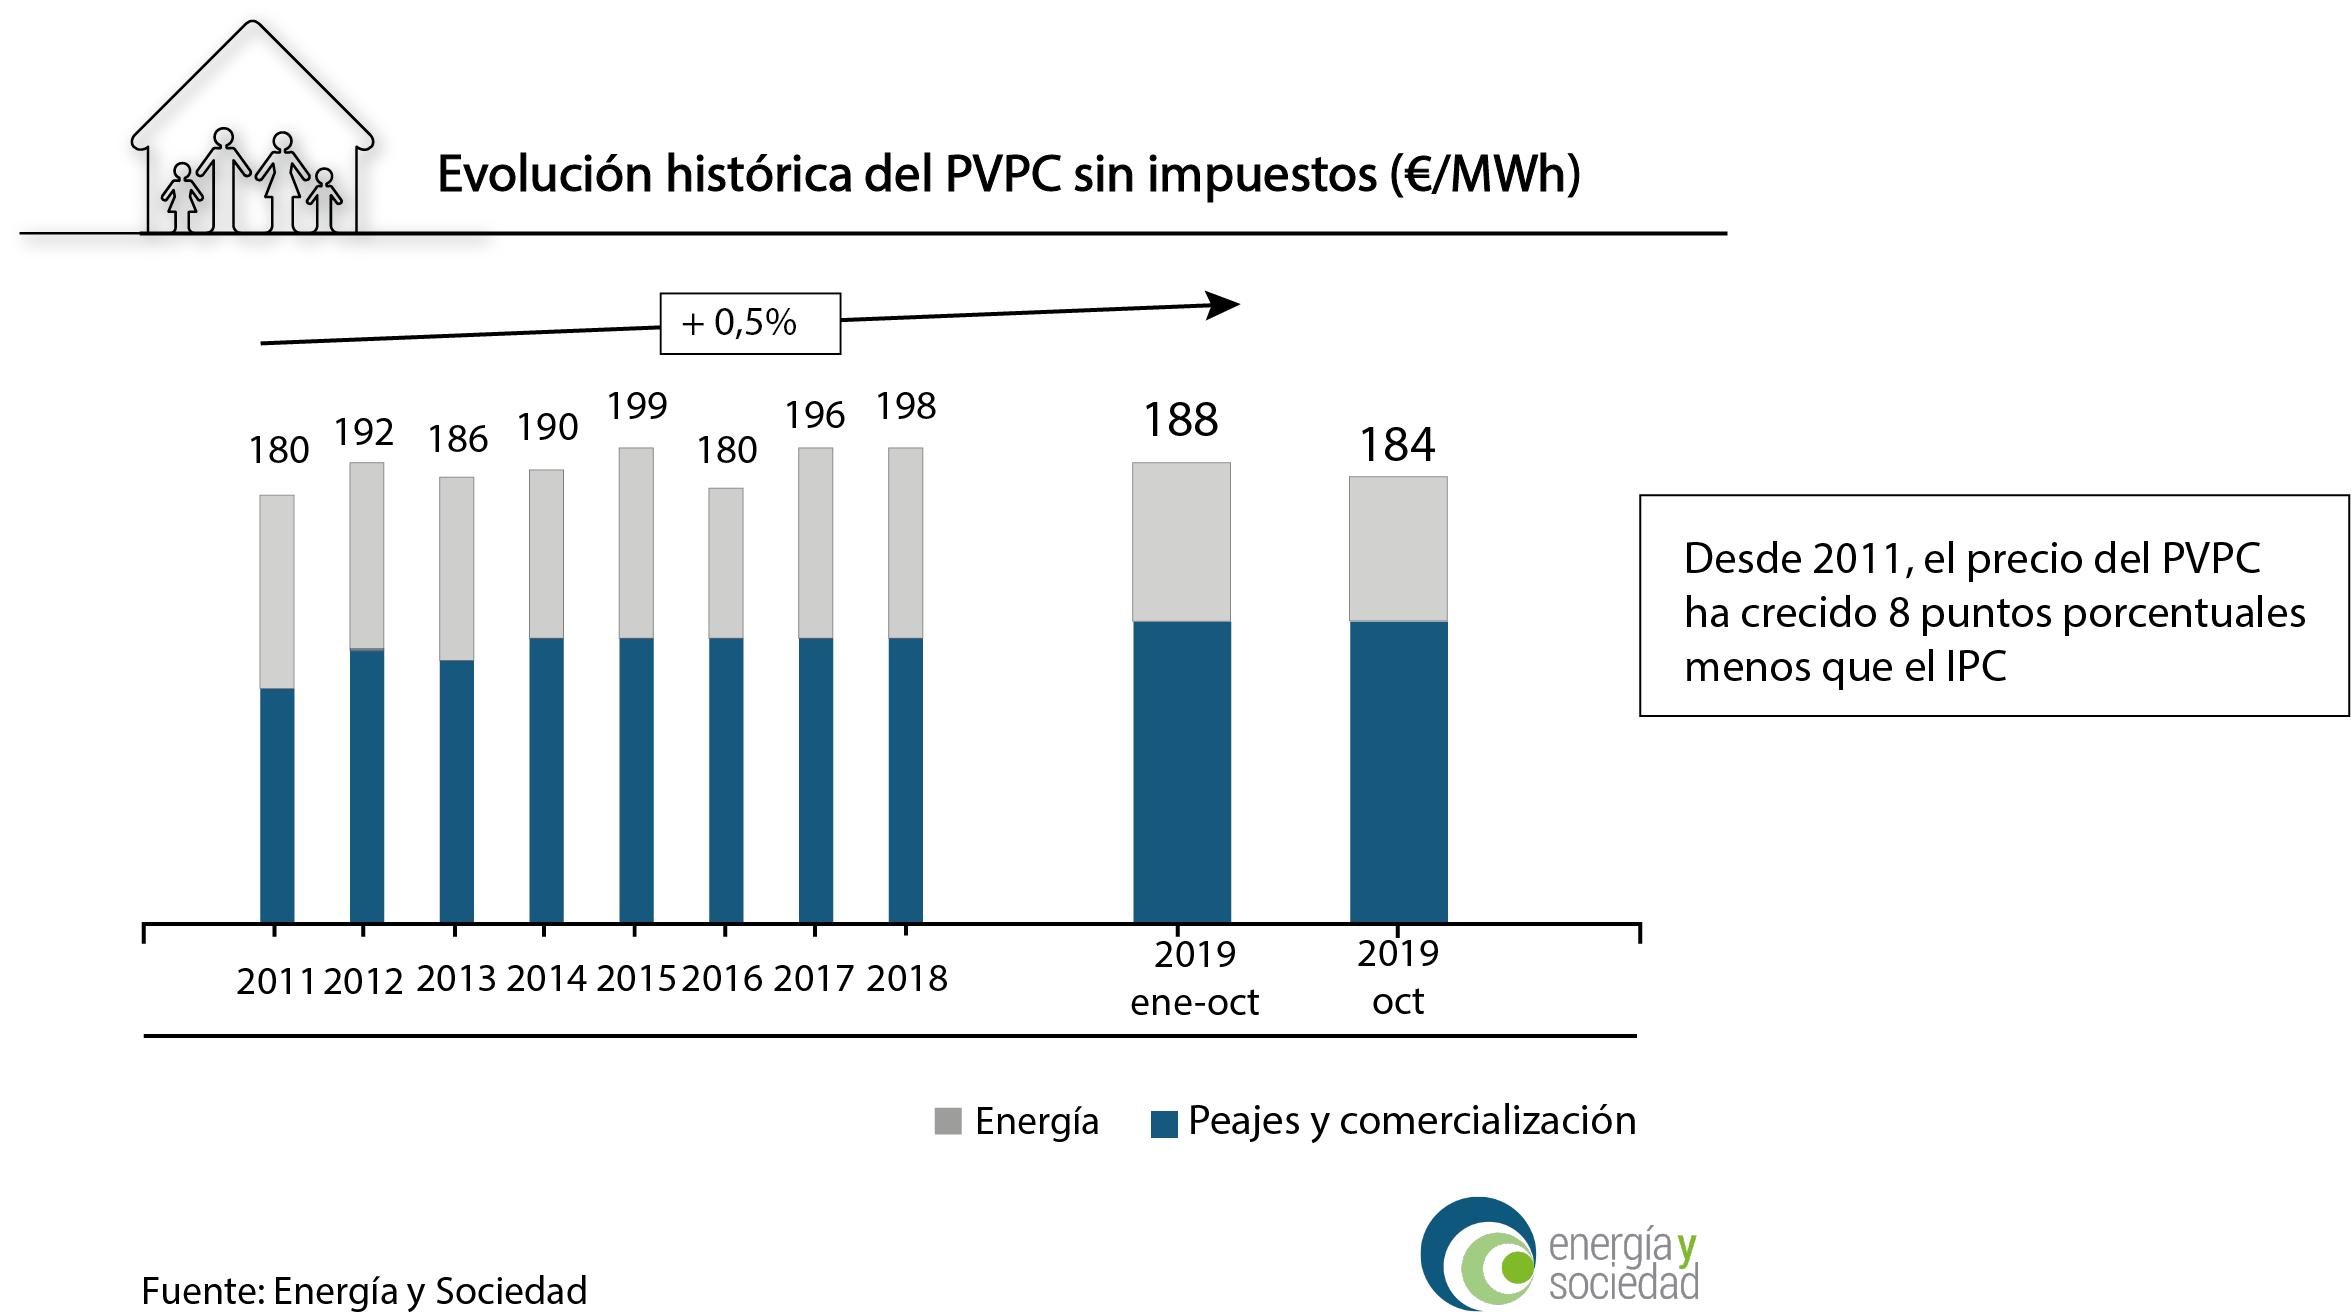 infografia evolucion PVPC con fondo